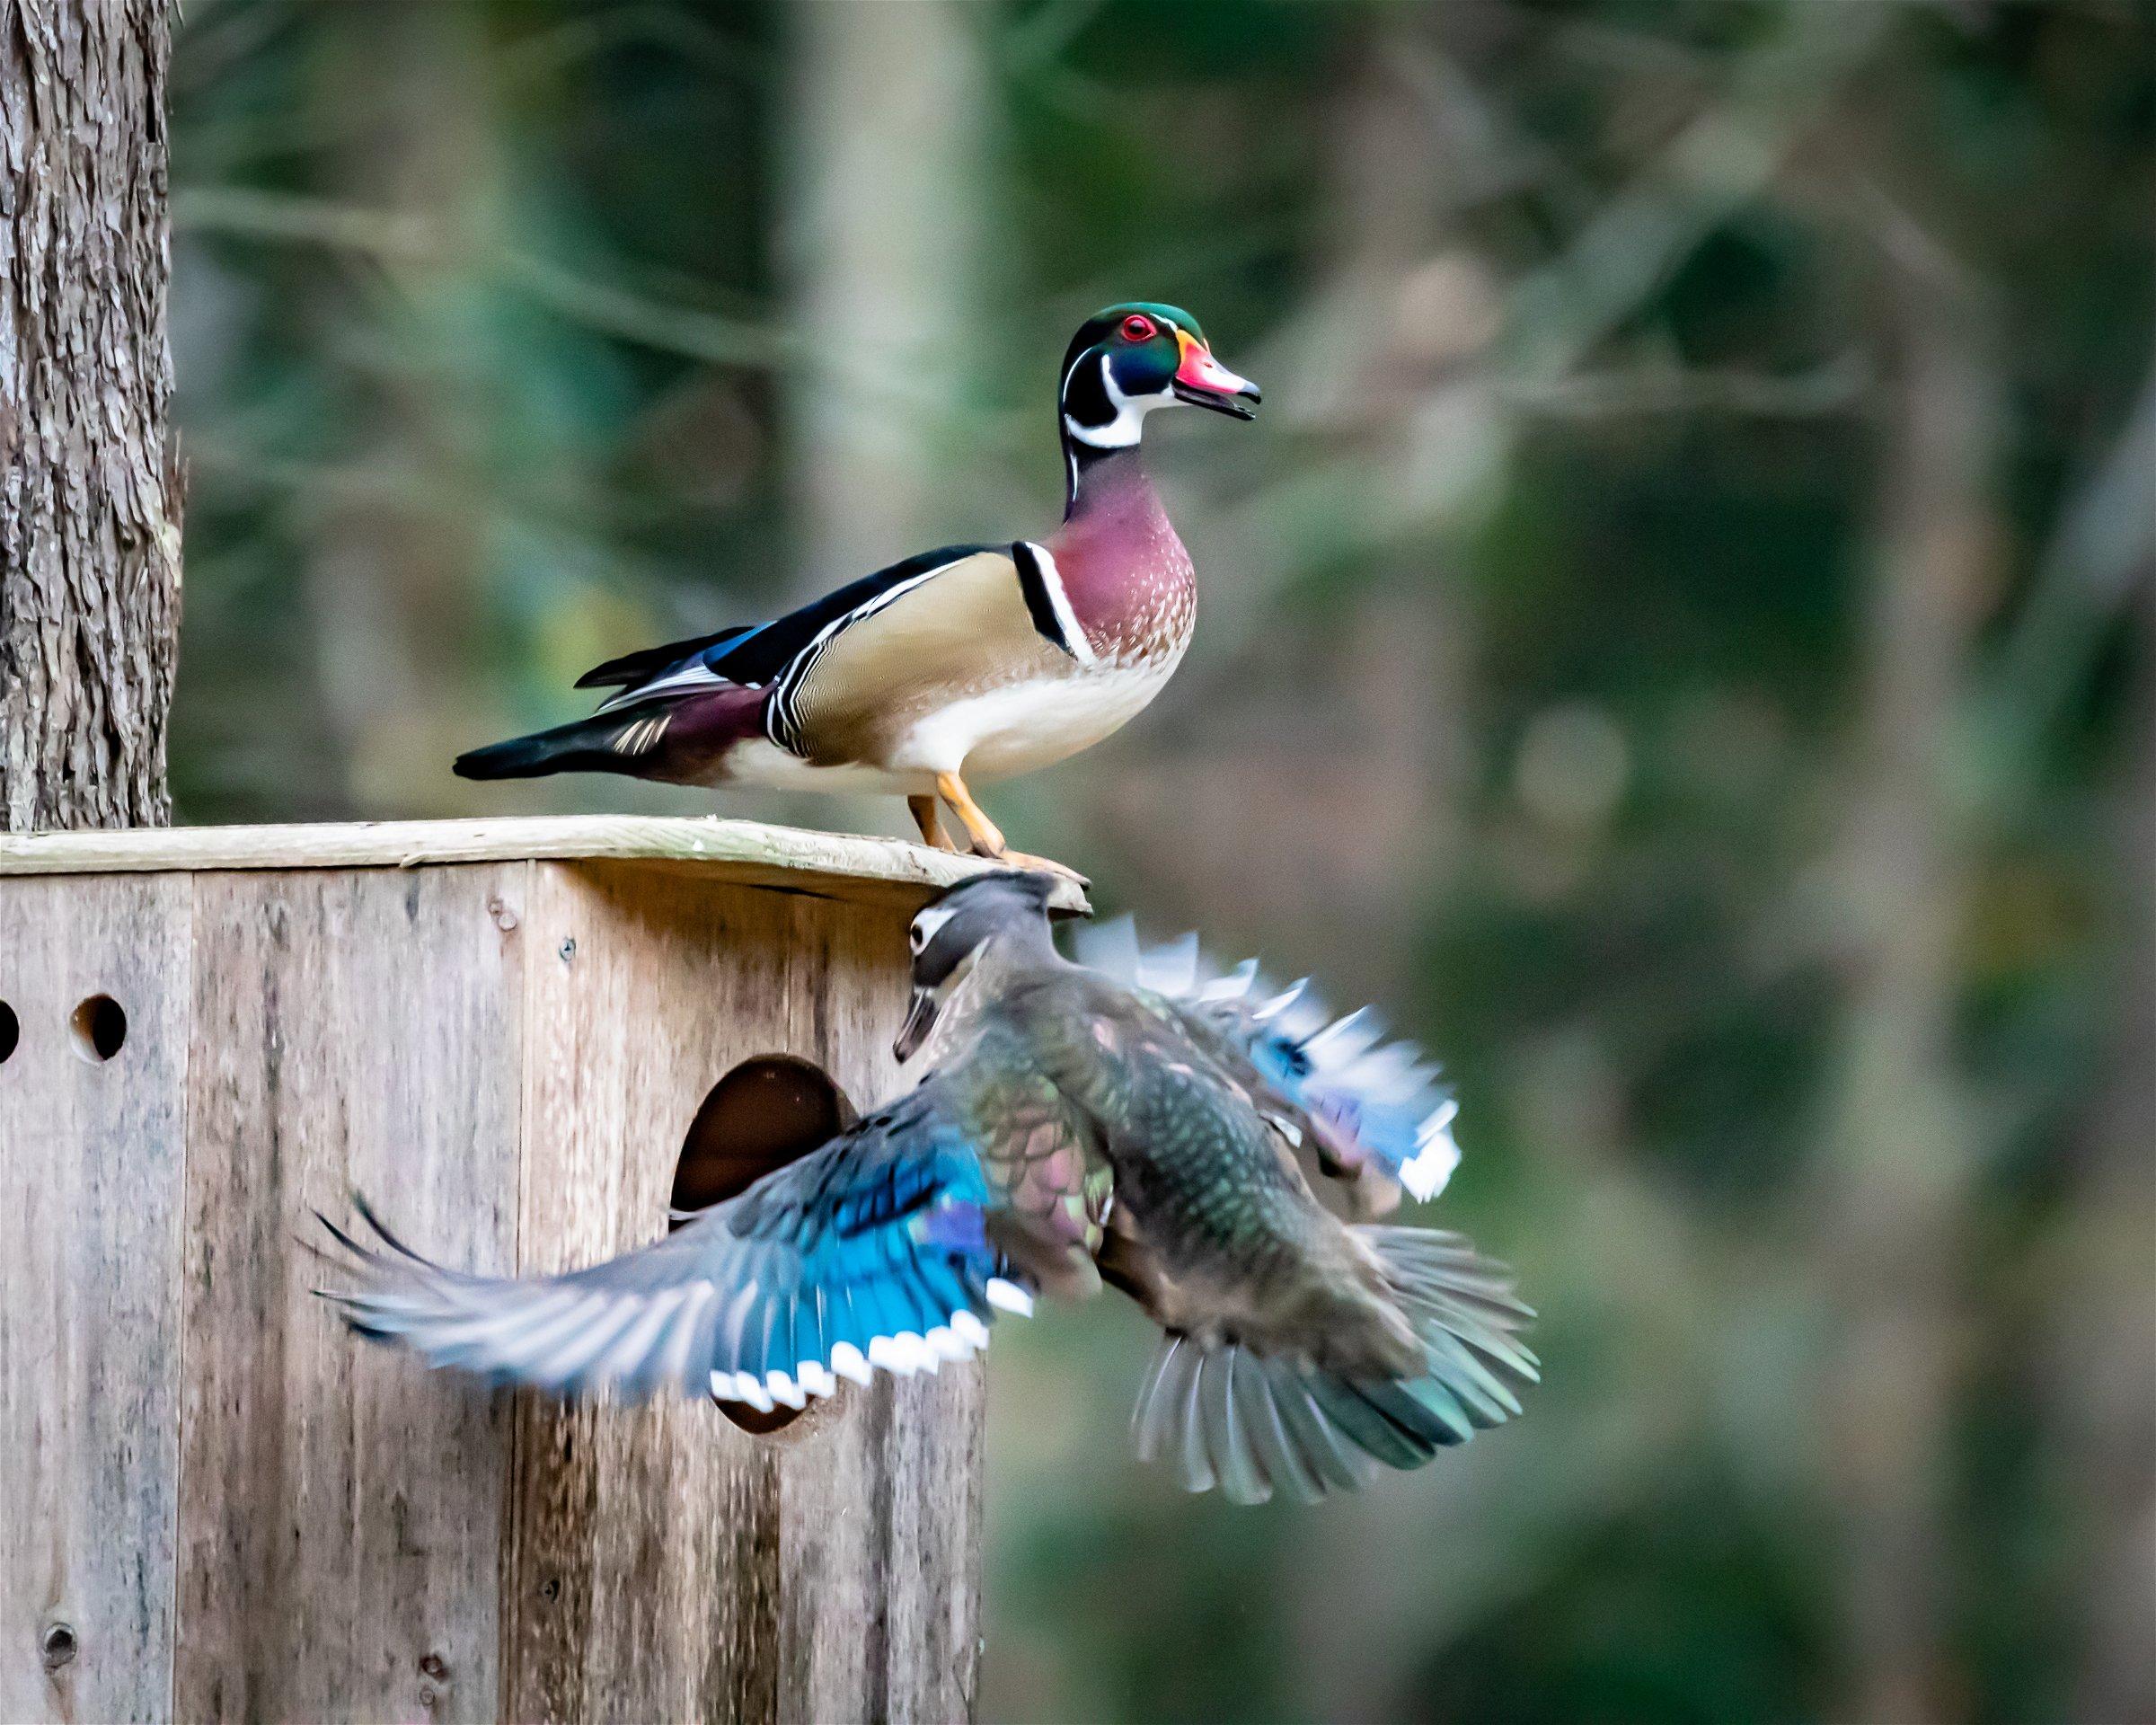 Kingsfield-Wood-Duck-Nest-Box